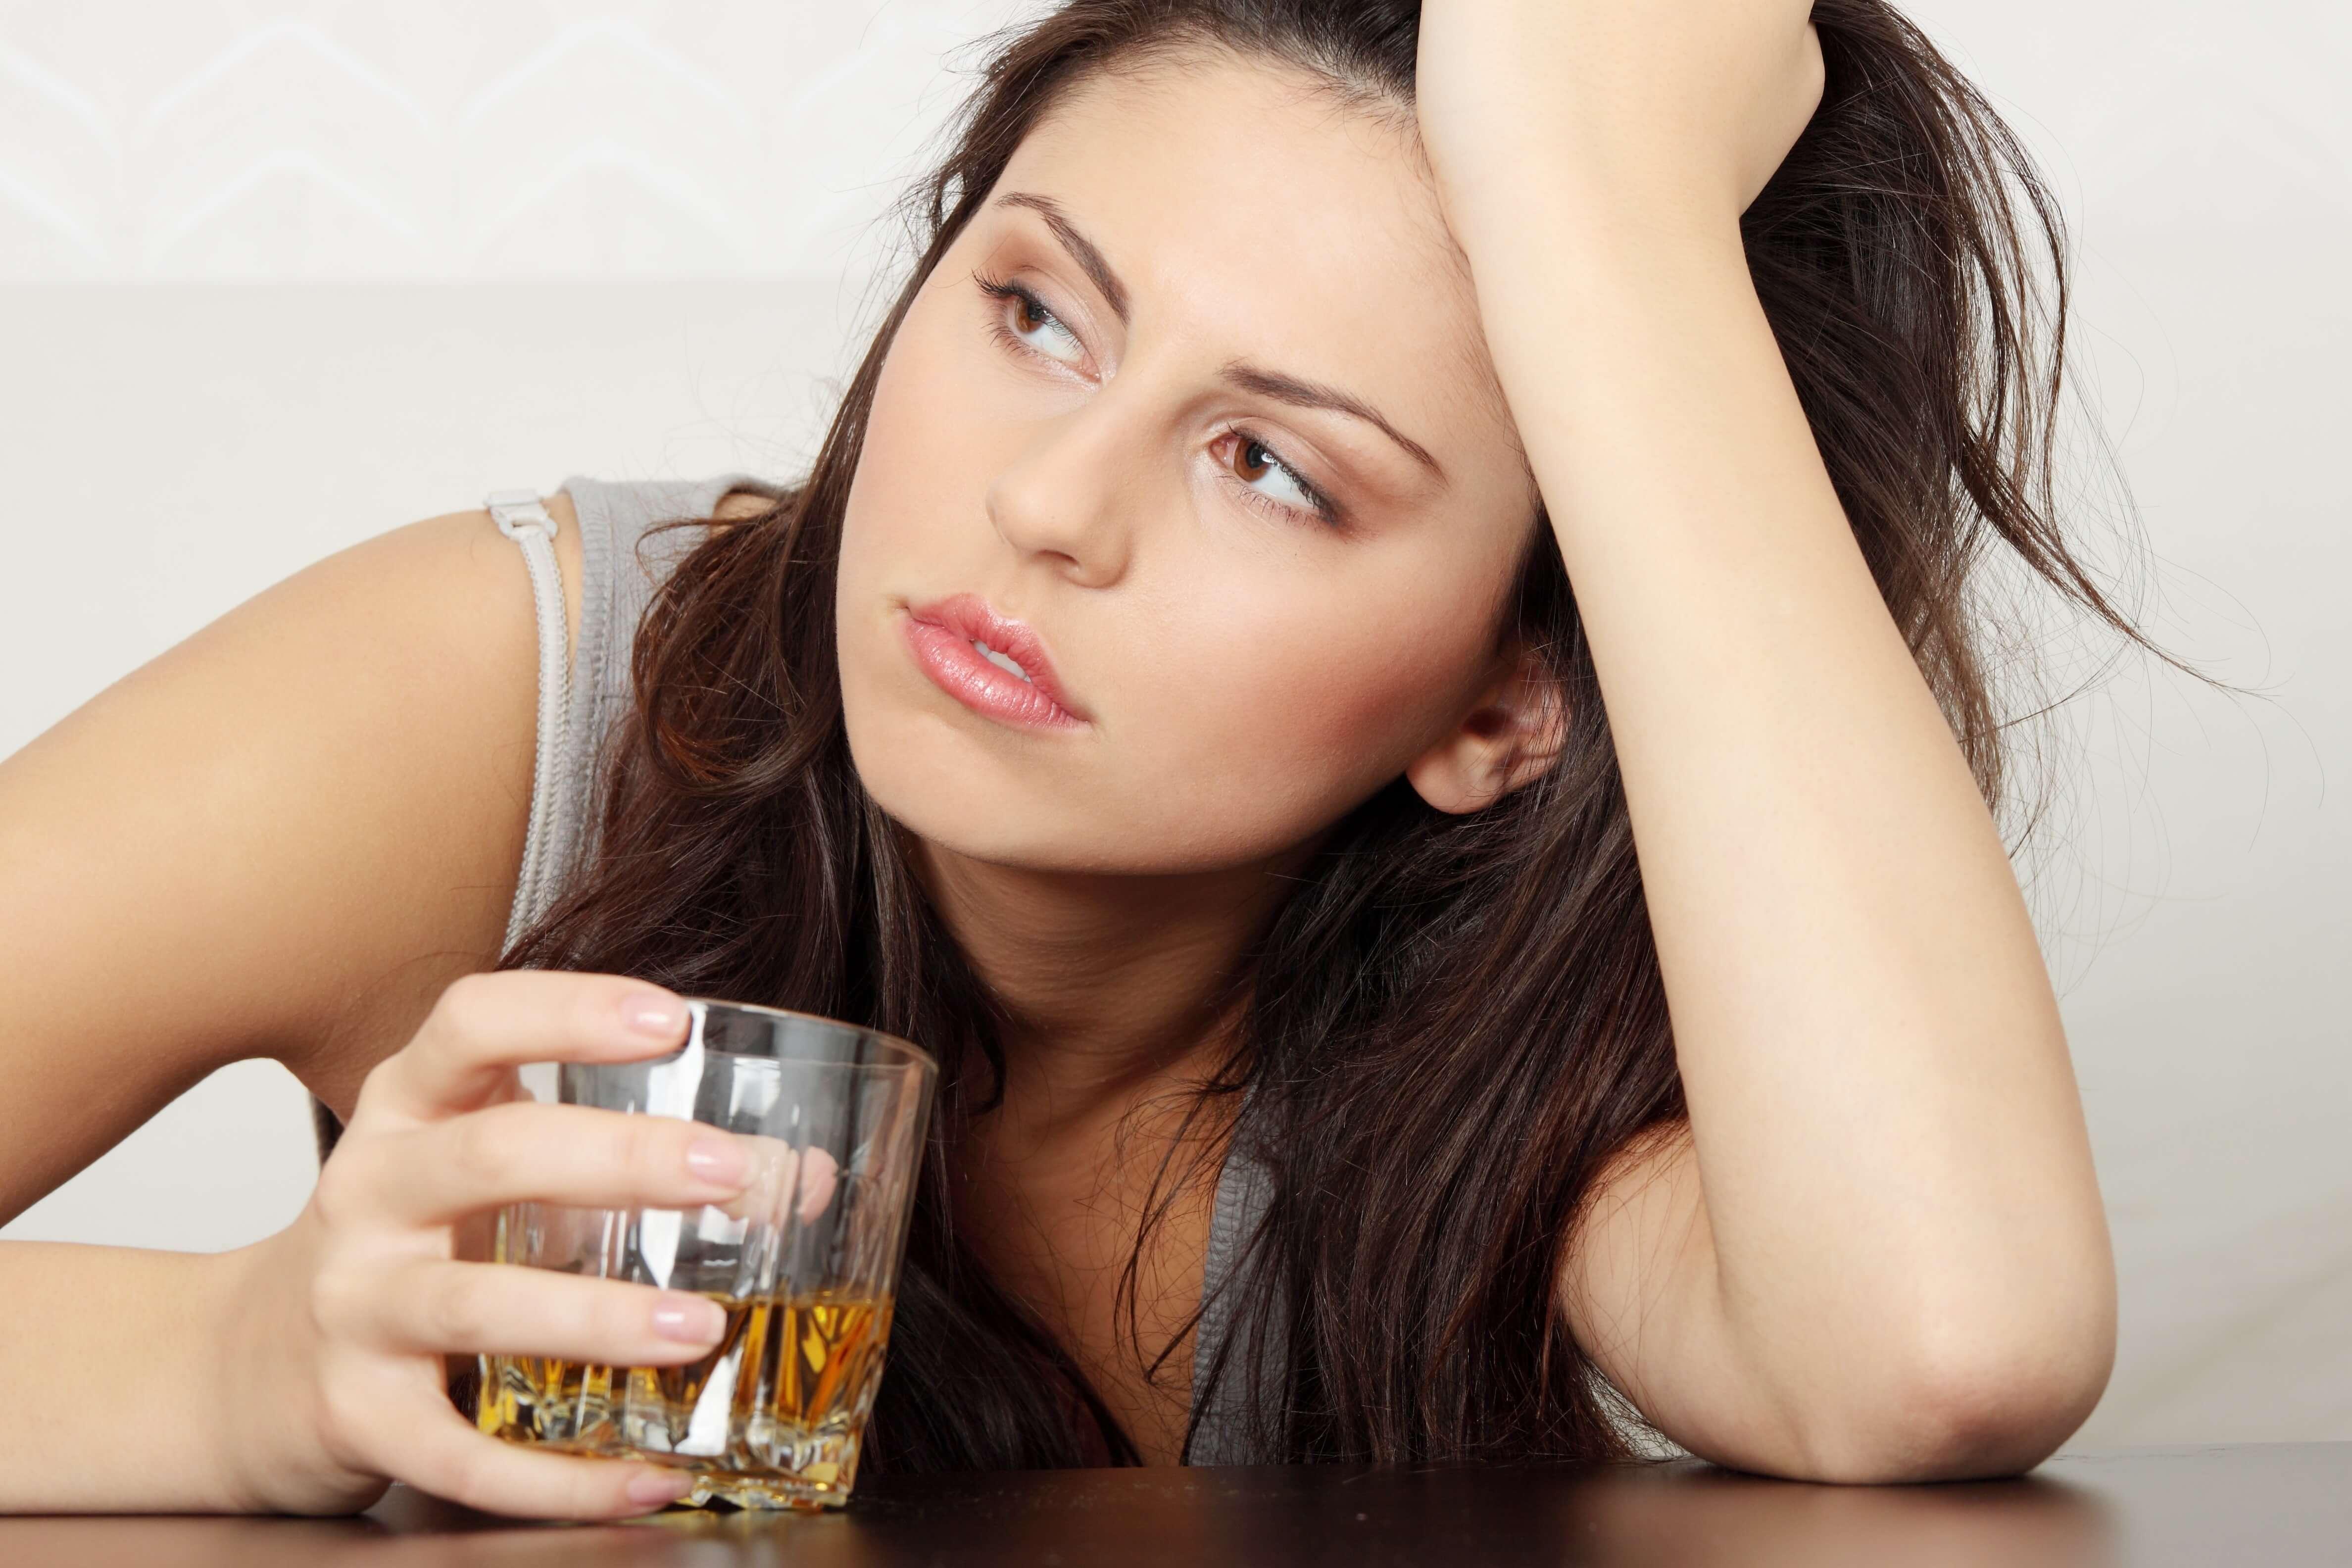 Лечение женского алкоголизма в г.Москве переклад алкоголизма мстислав